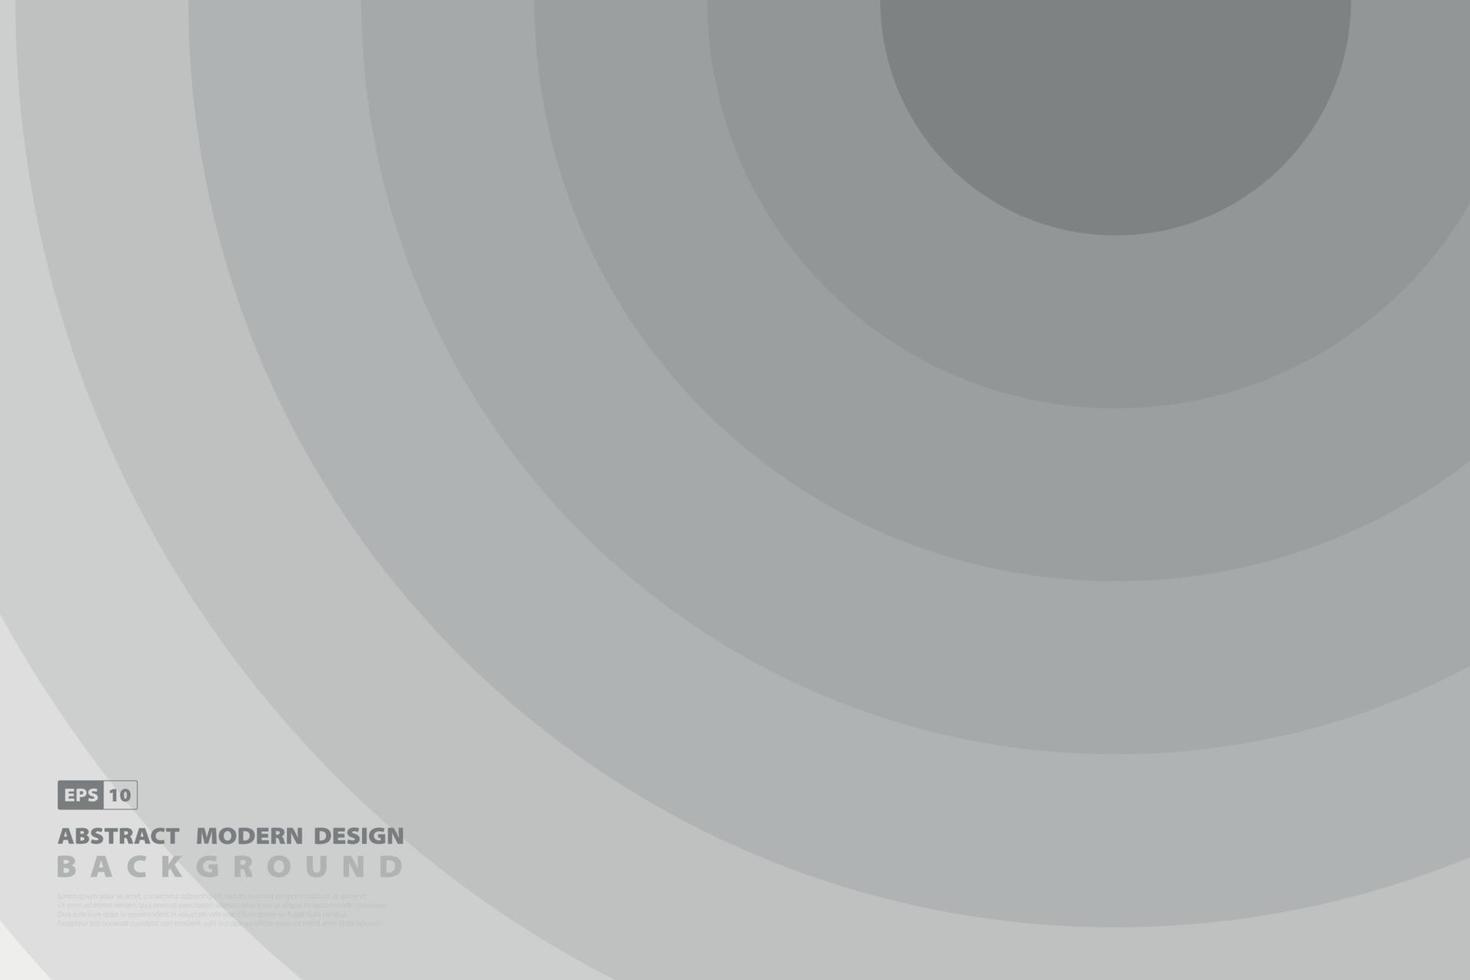 disegno astratto del modello di cerchio bianco e grigio di sfondo decorativo minimo. illustrazione vettoriale